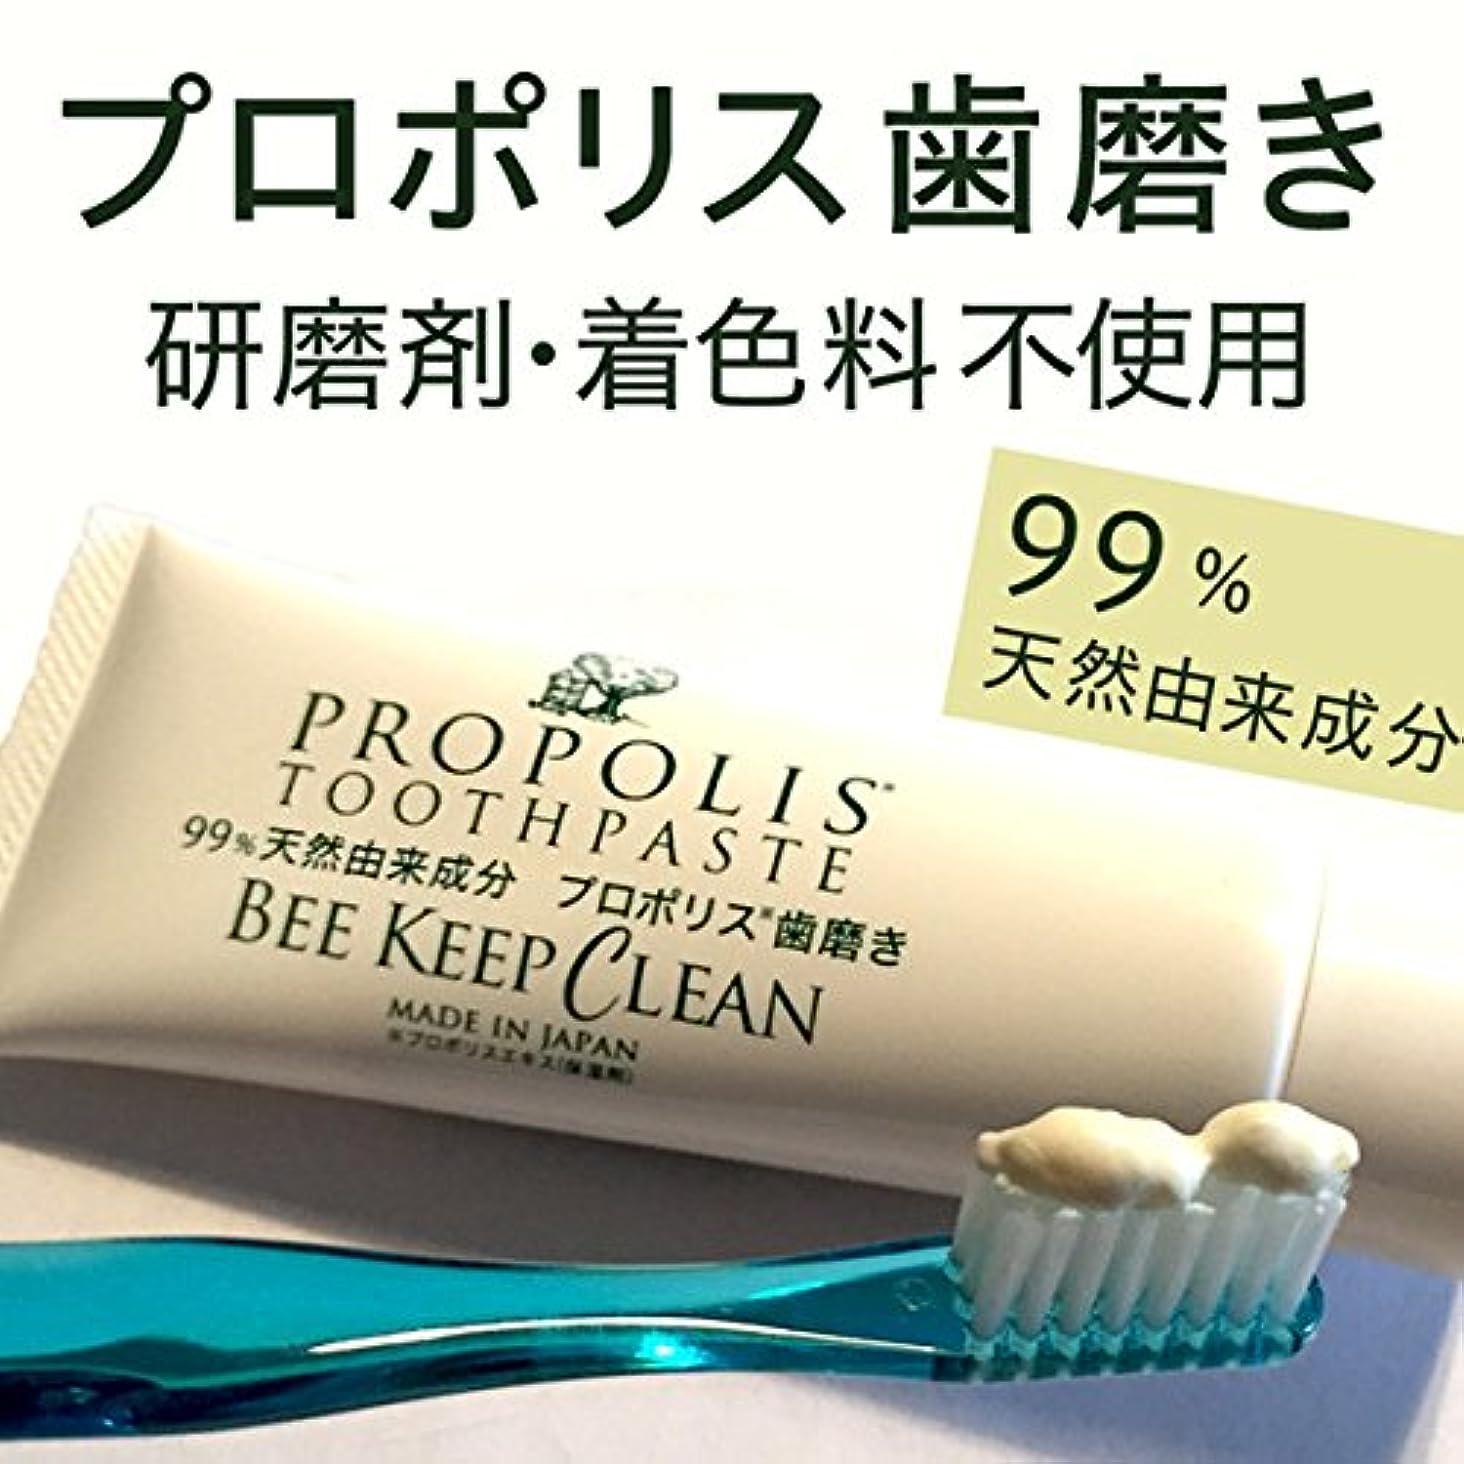 プロポリス歯磨きビーキープクリーン100g